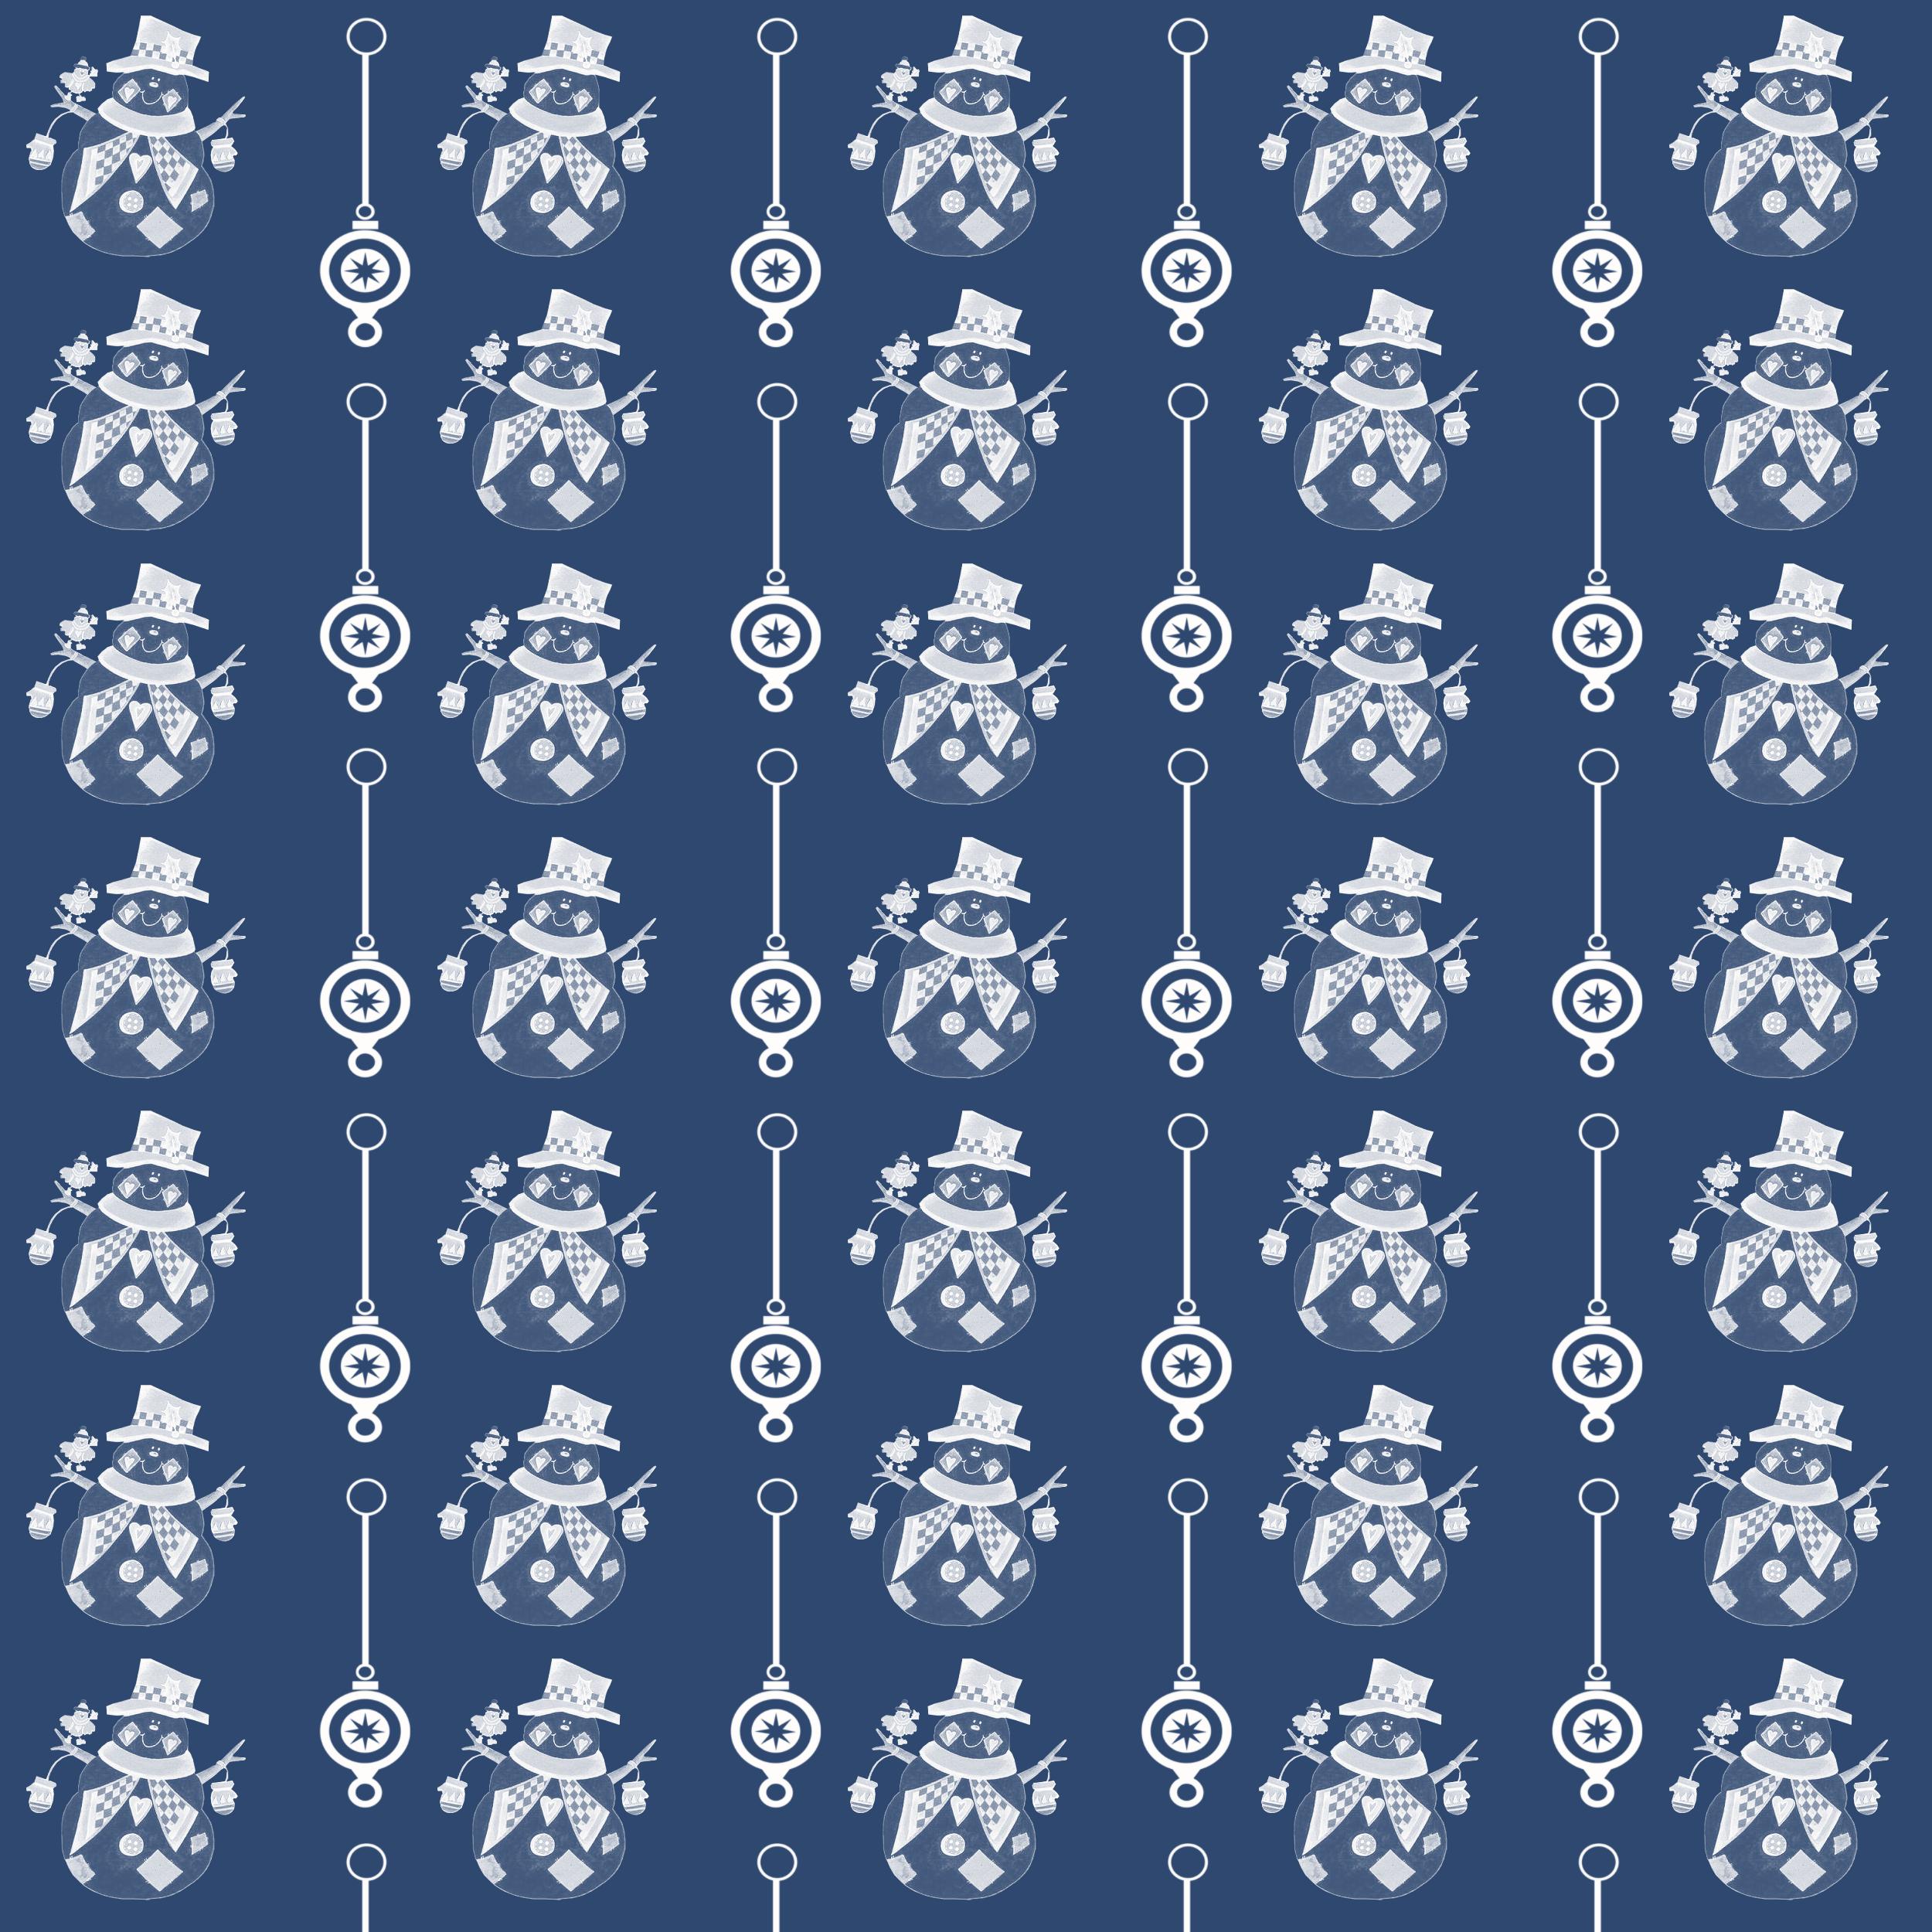 Cette ann e 6821 deco de noel bleu blanc argent avec des for Deco de noel bleu et argent